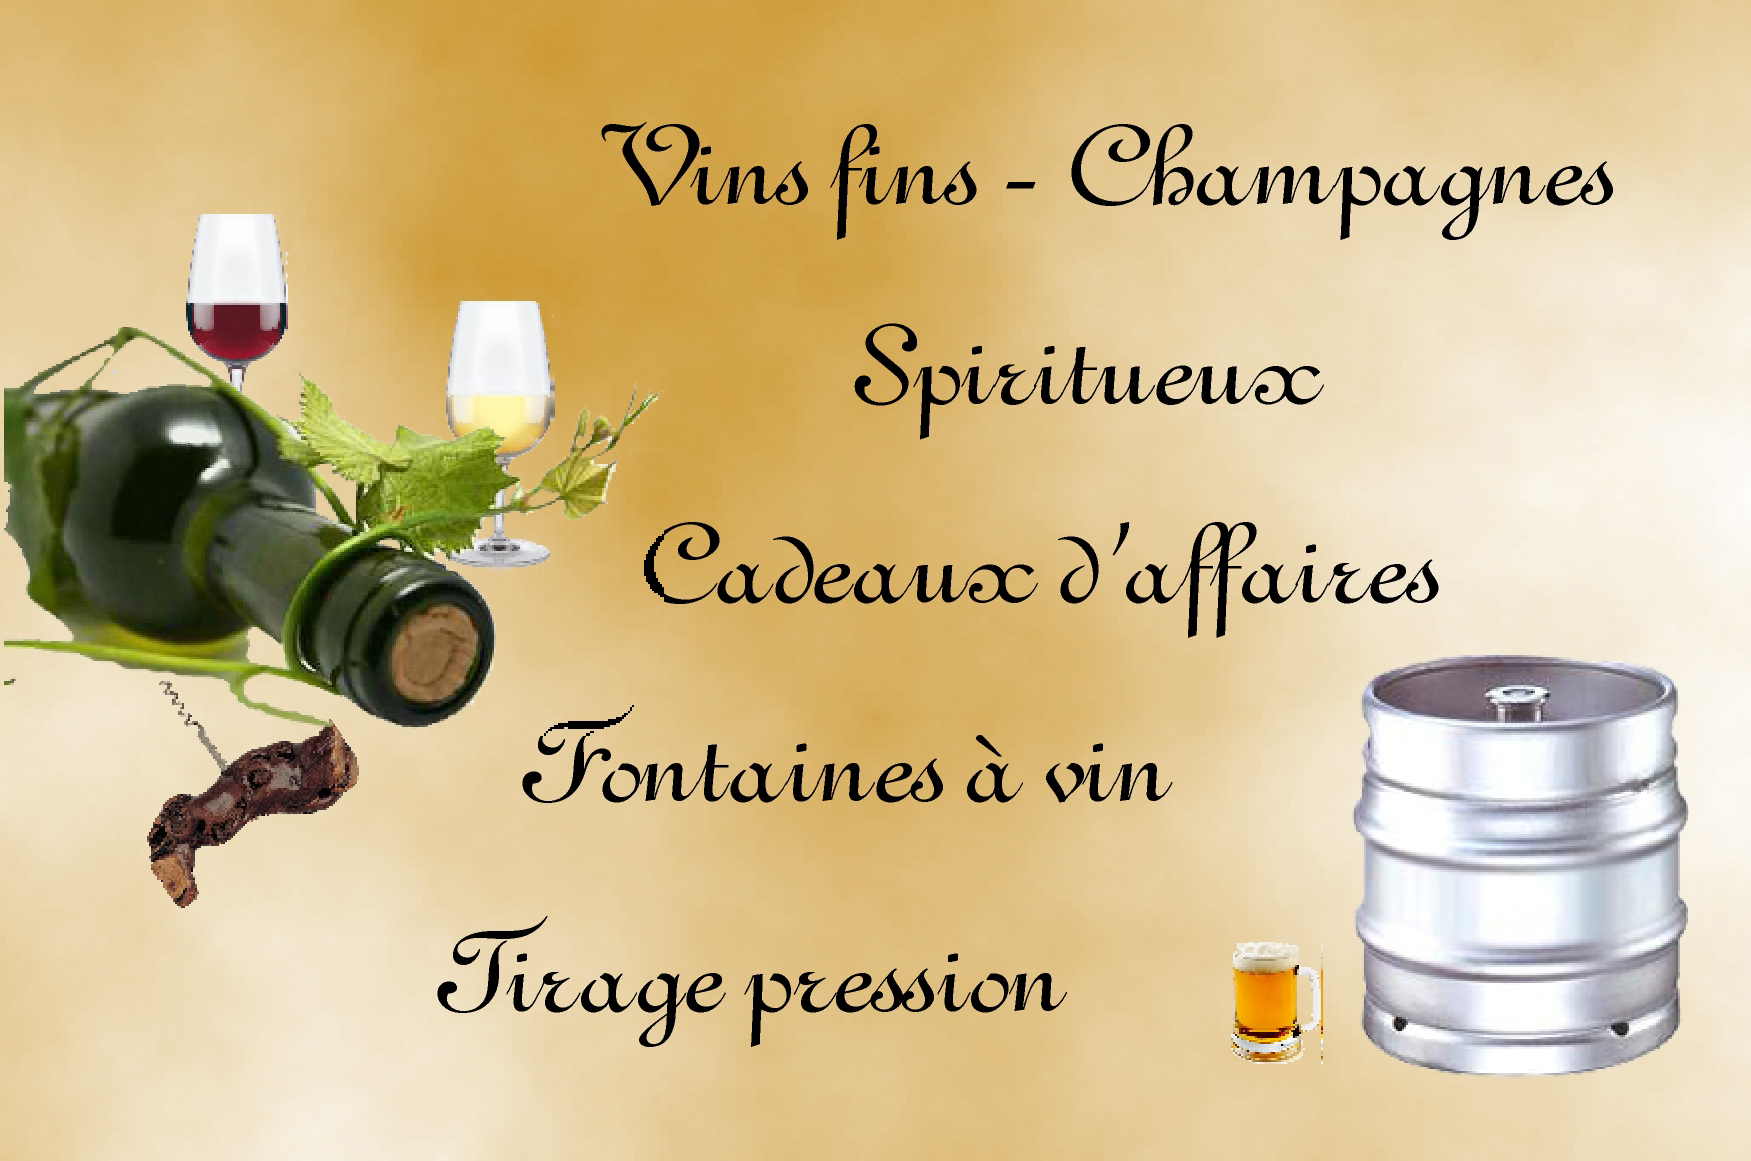 Vin Michel Chaumin - Descartes